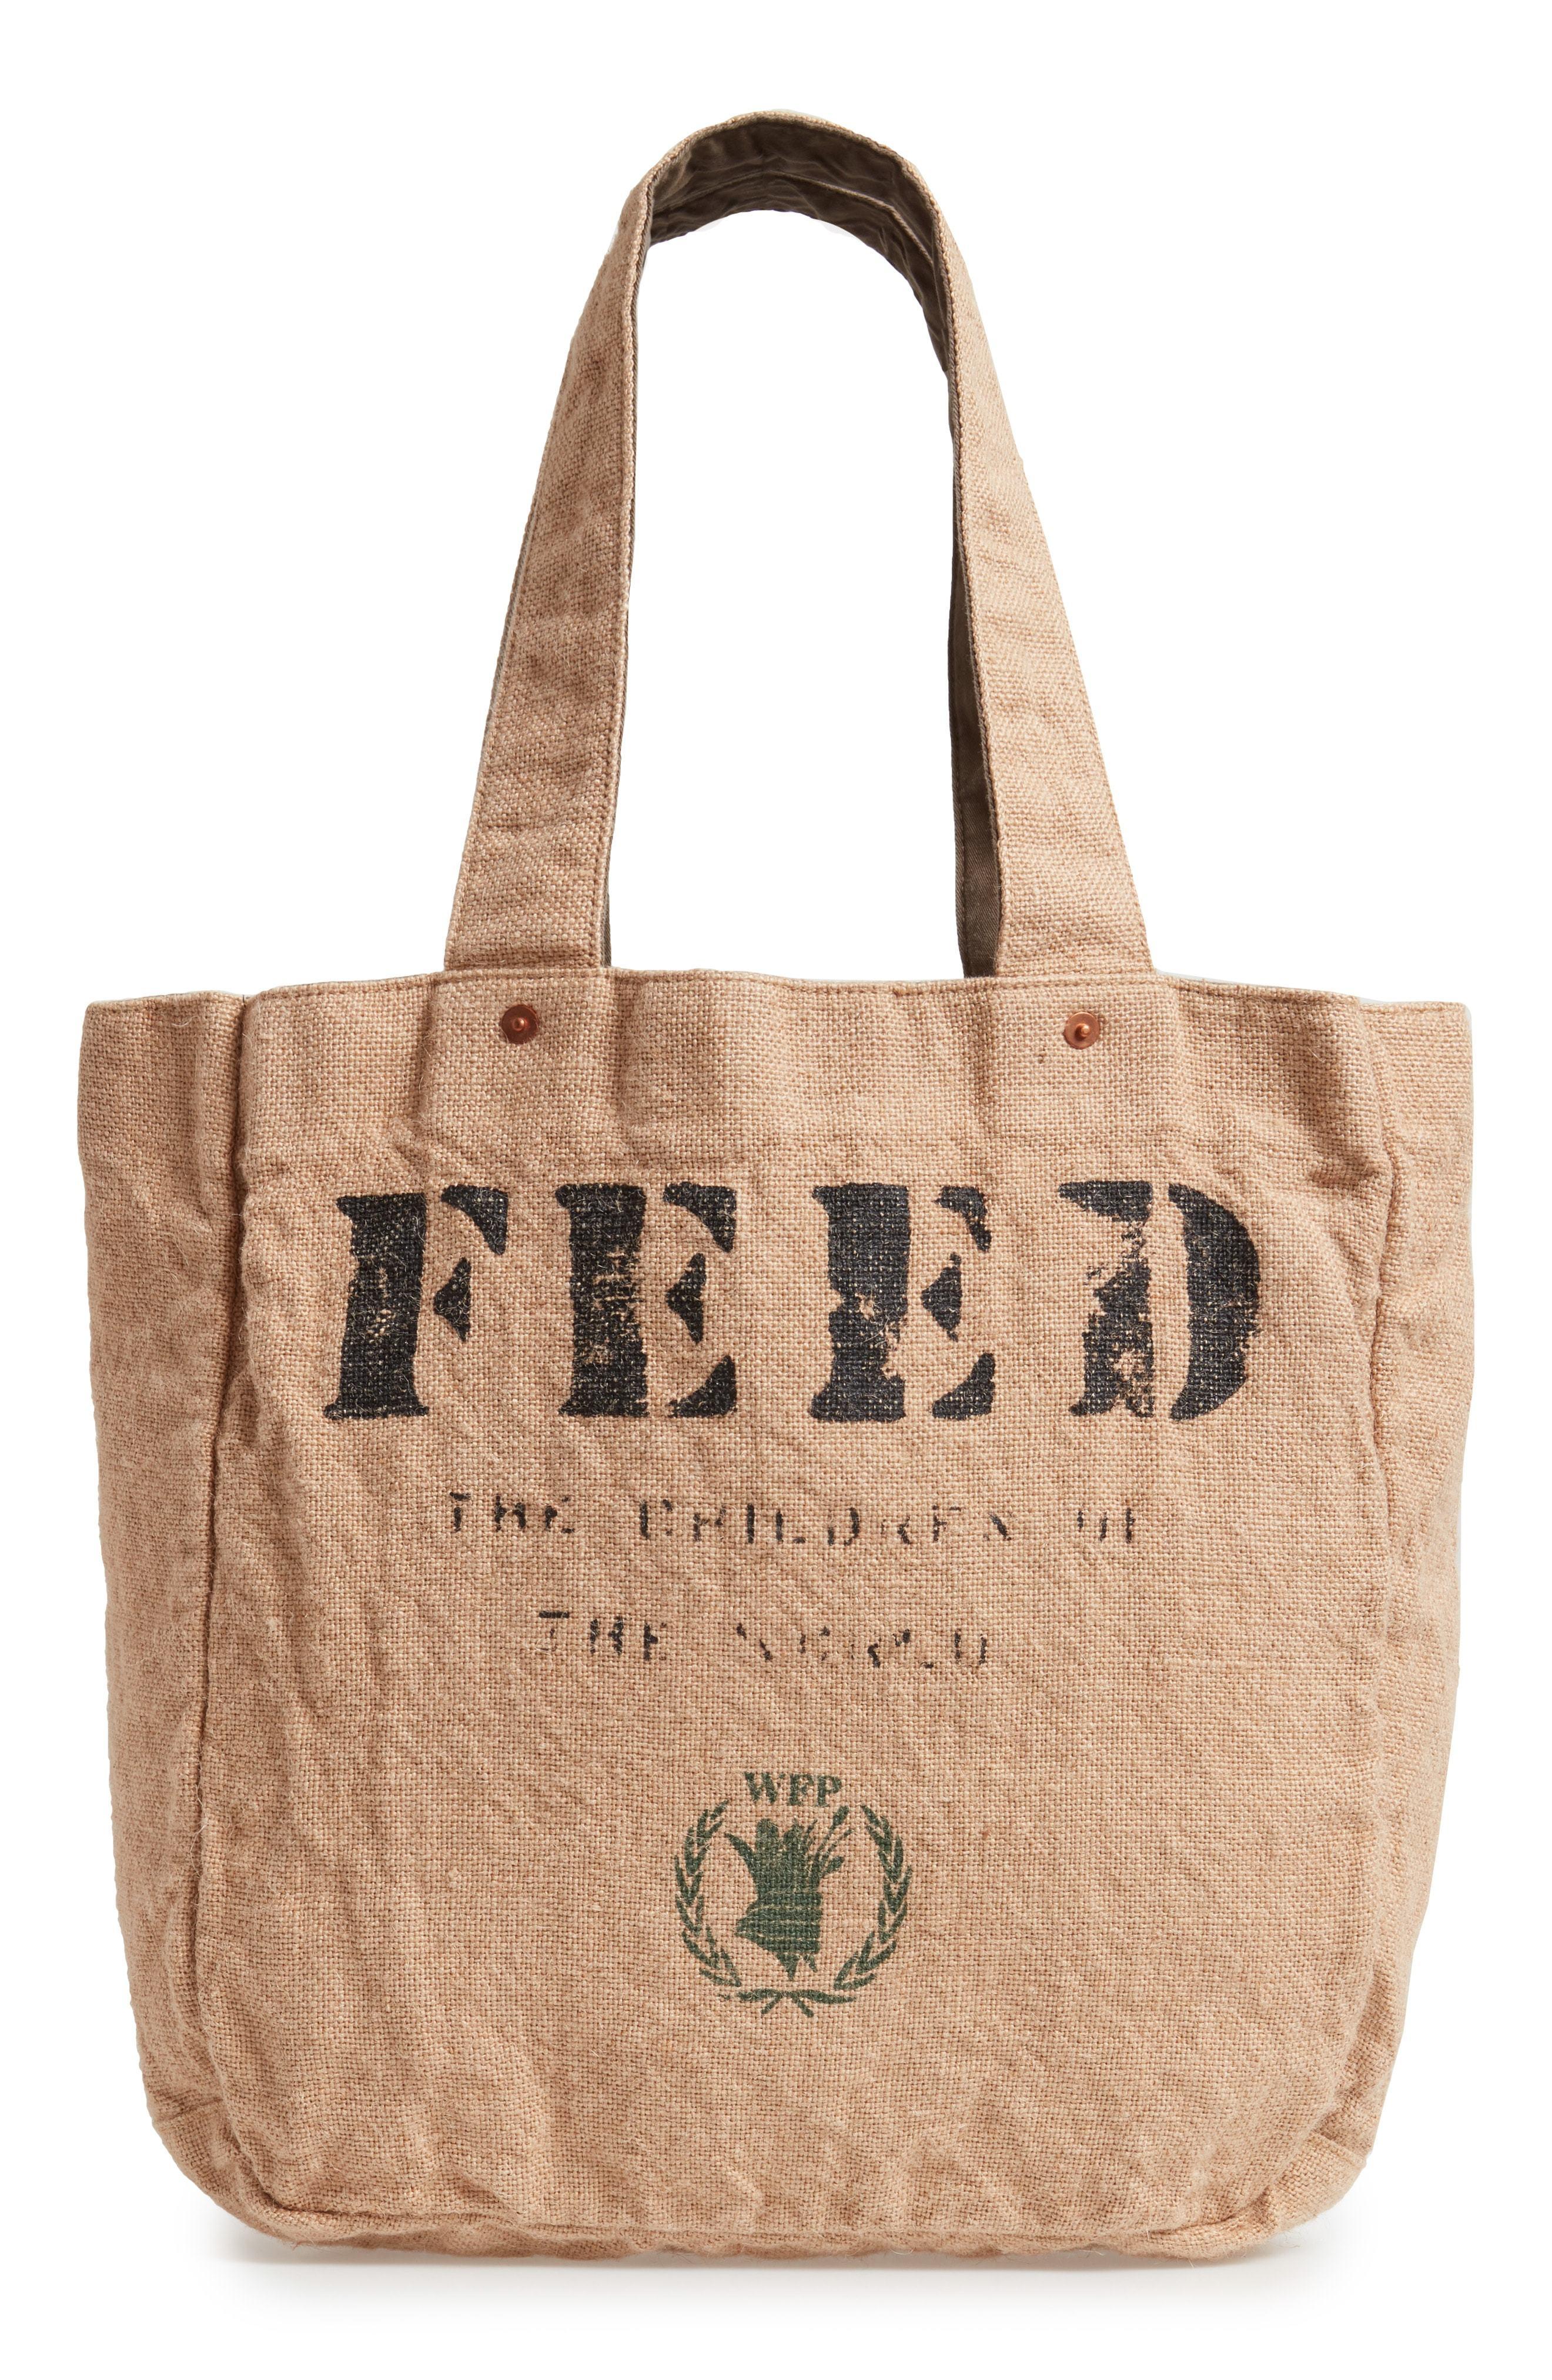 b44ad53d8 FEED 1 Bag Burlap Tote, $98   Nordstrom   Lookastic.com